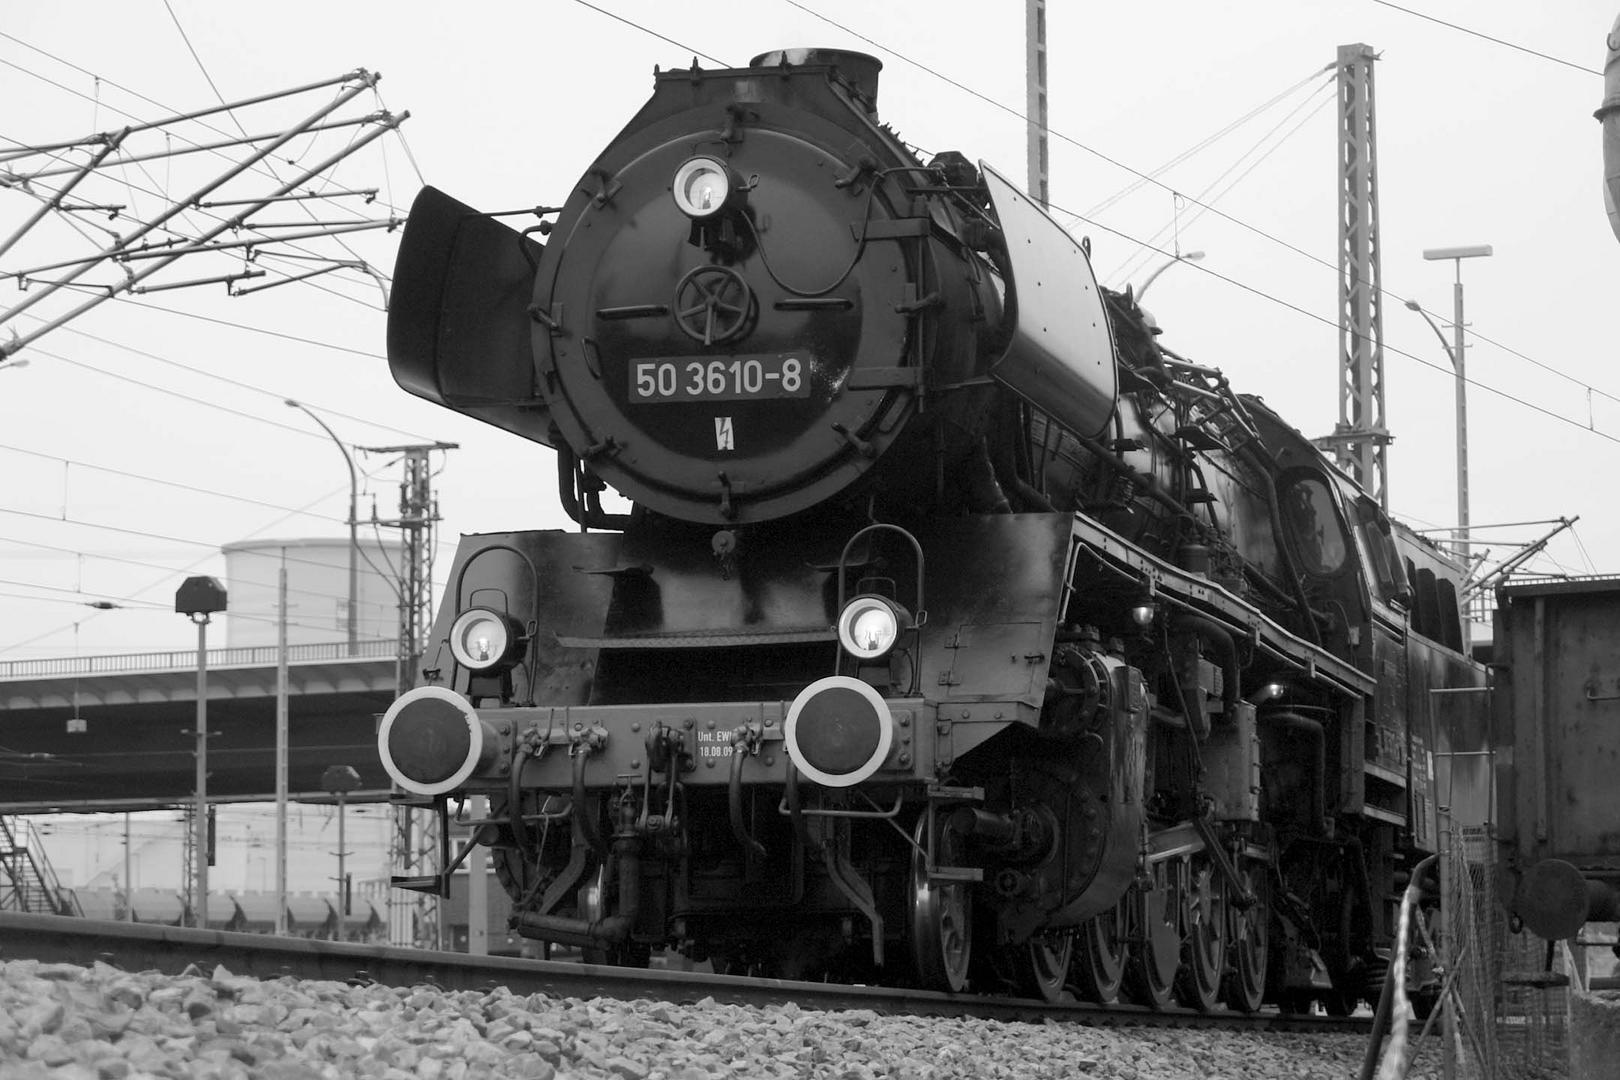 50 3610 im BW Dresden Altstadt 2010